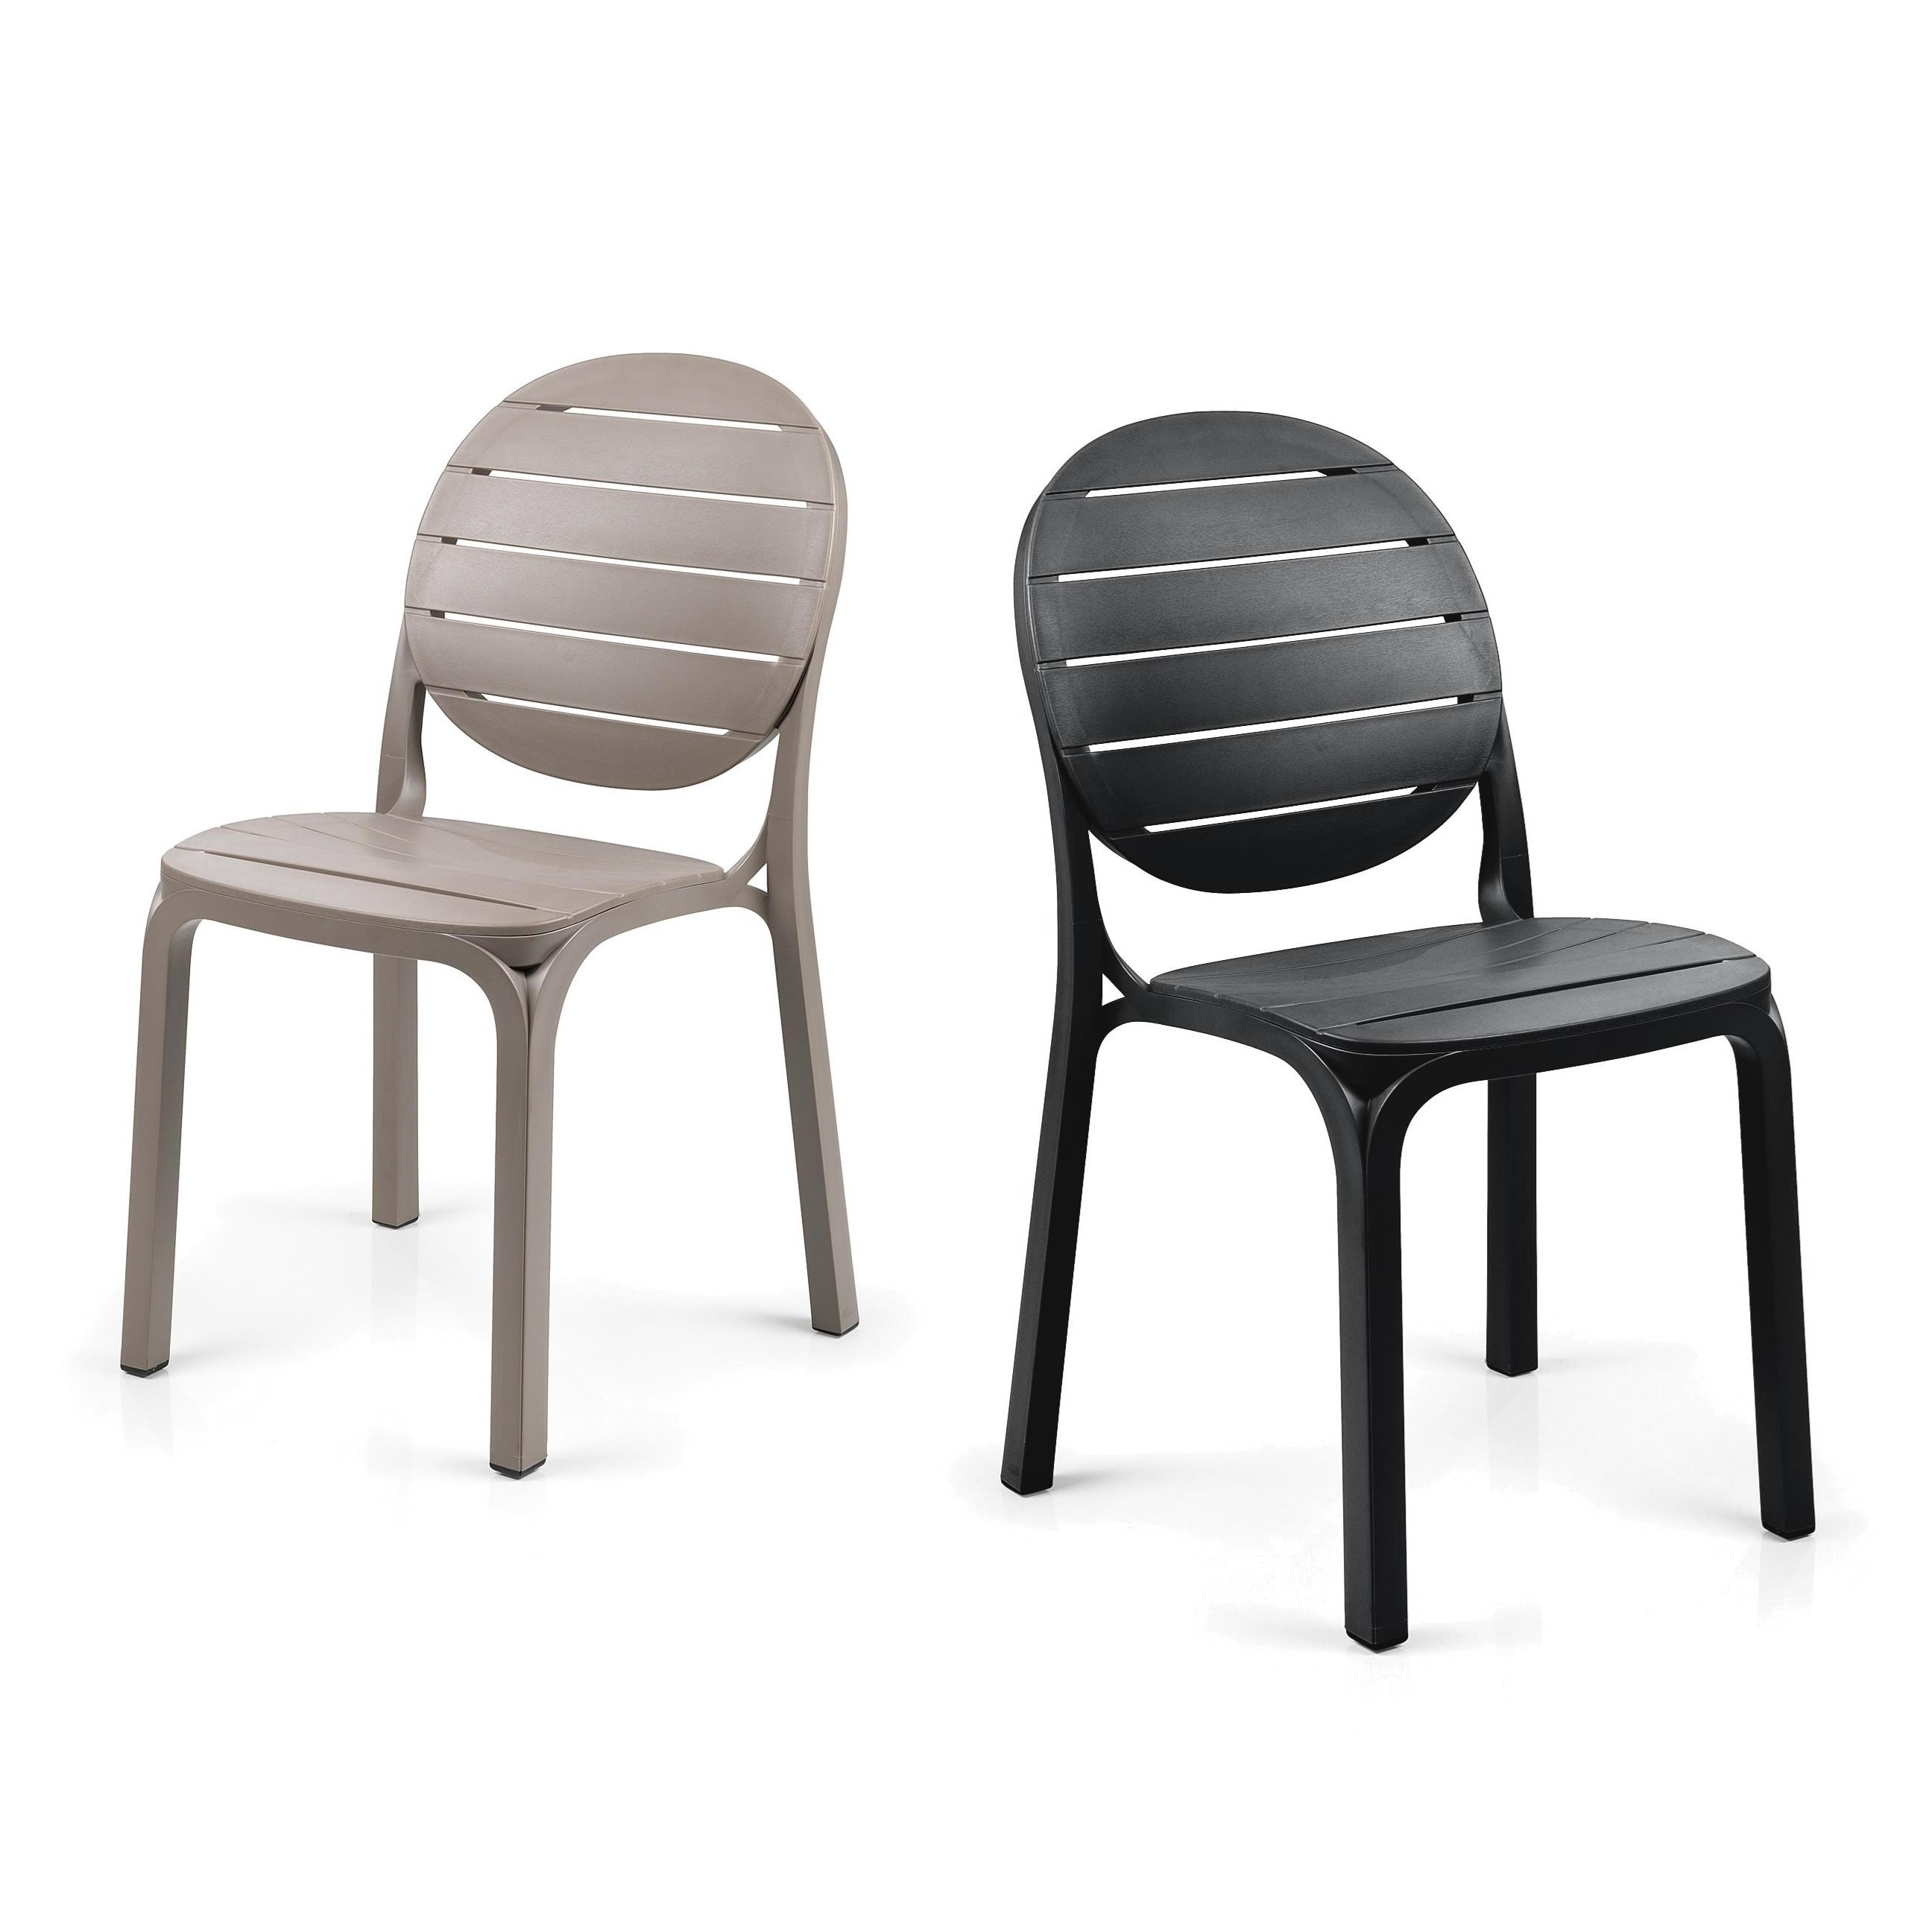 Sedia per esterni in resina erica nardi for Sedie da giardino economiche